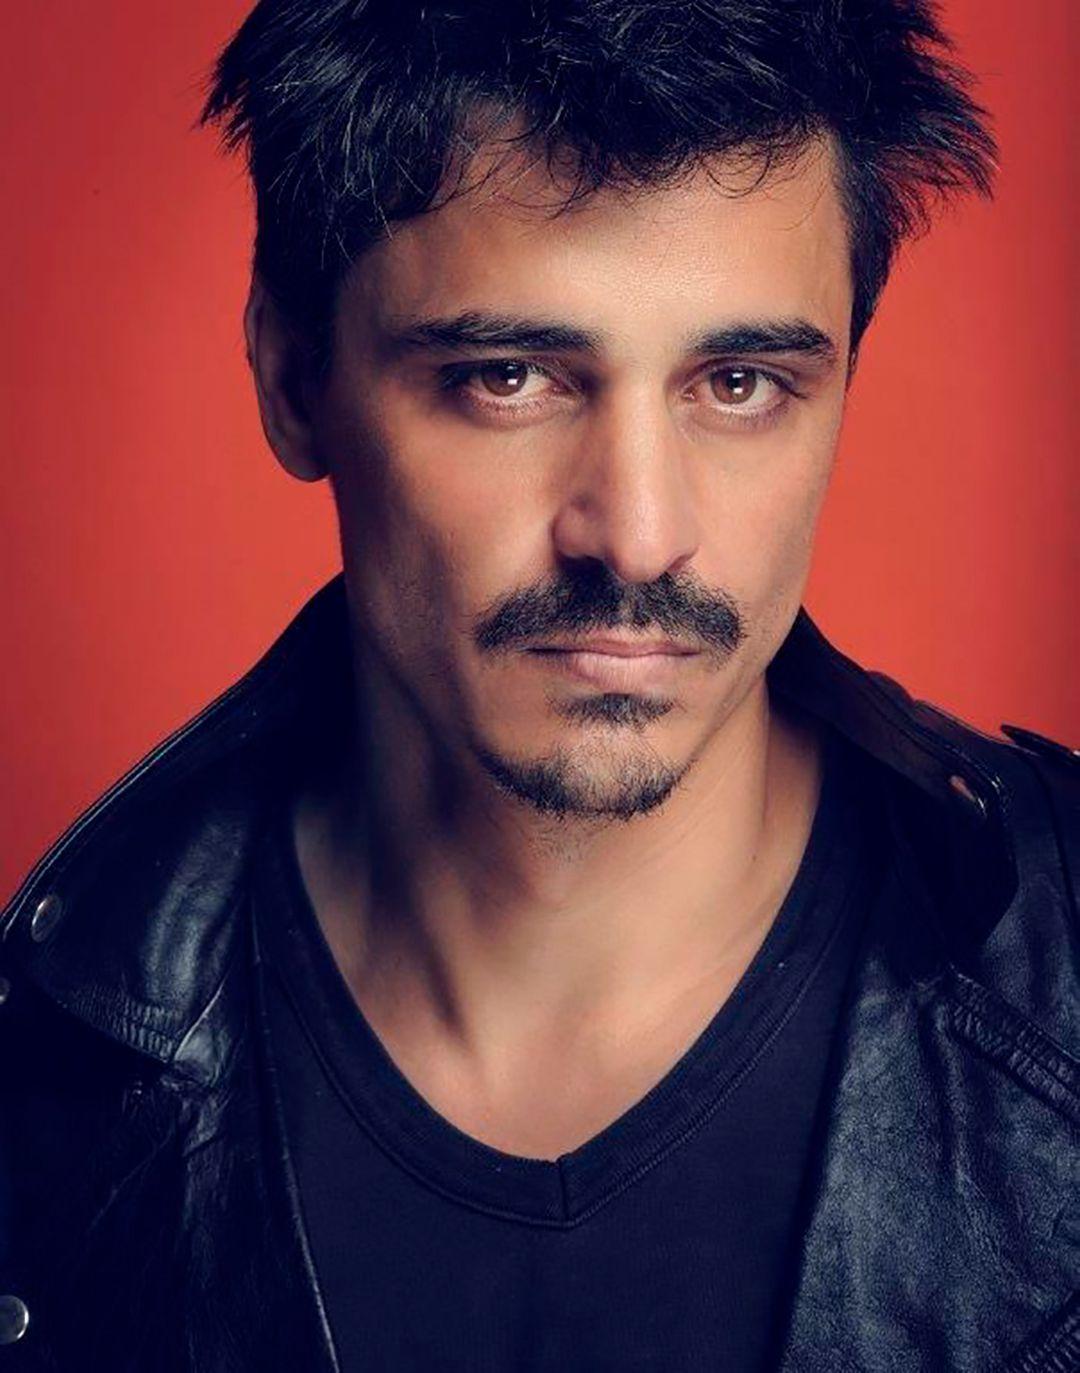 Luis Ugarte en una produccion de fotos de modelaje